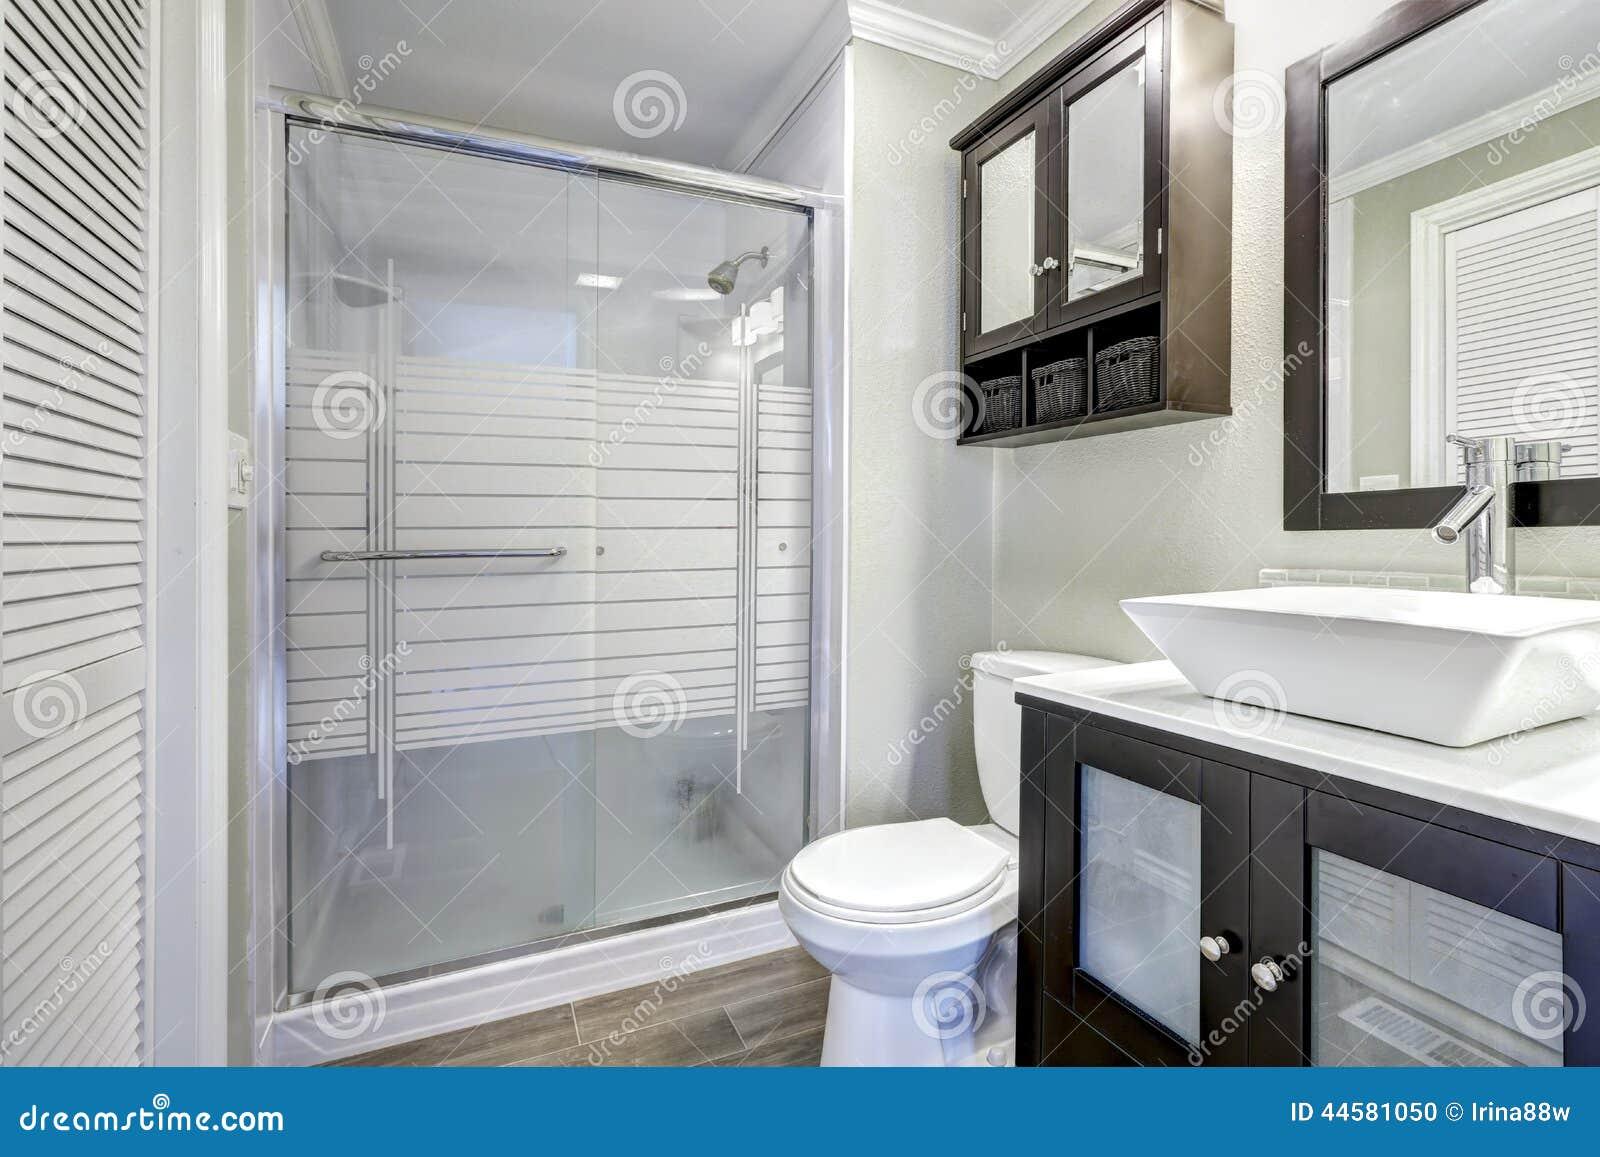 Interno moderno del bagno con i gabinetti marroni for Interno moderno